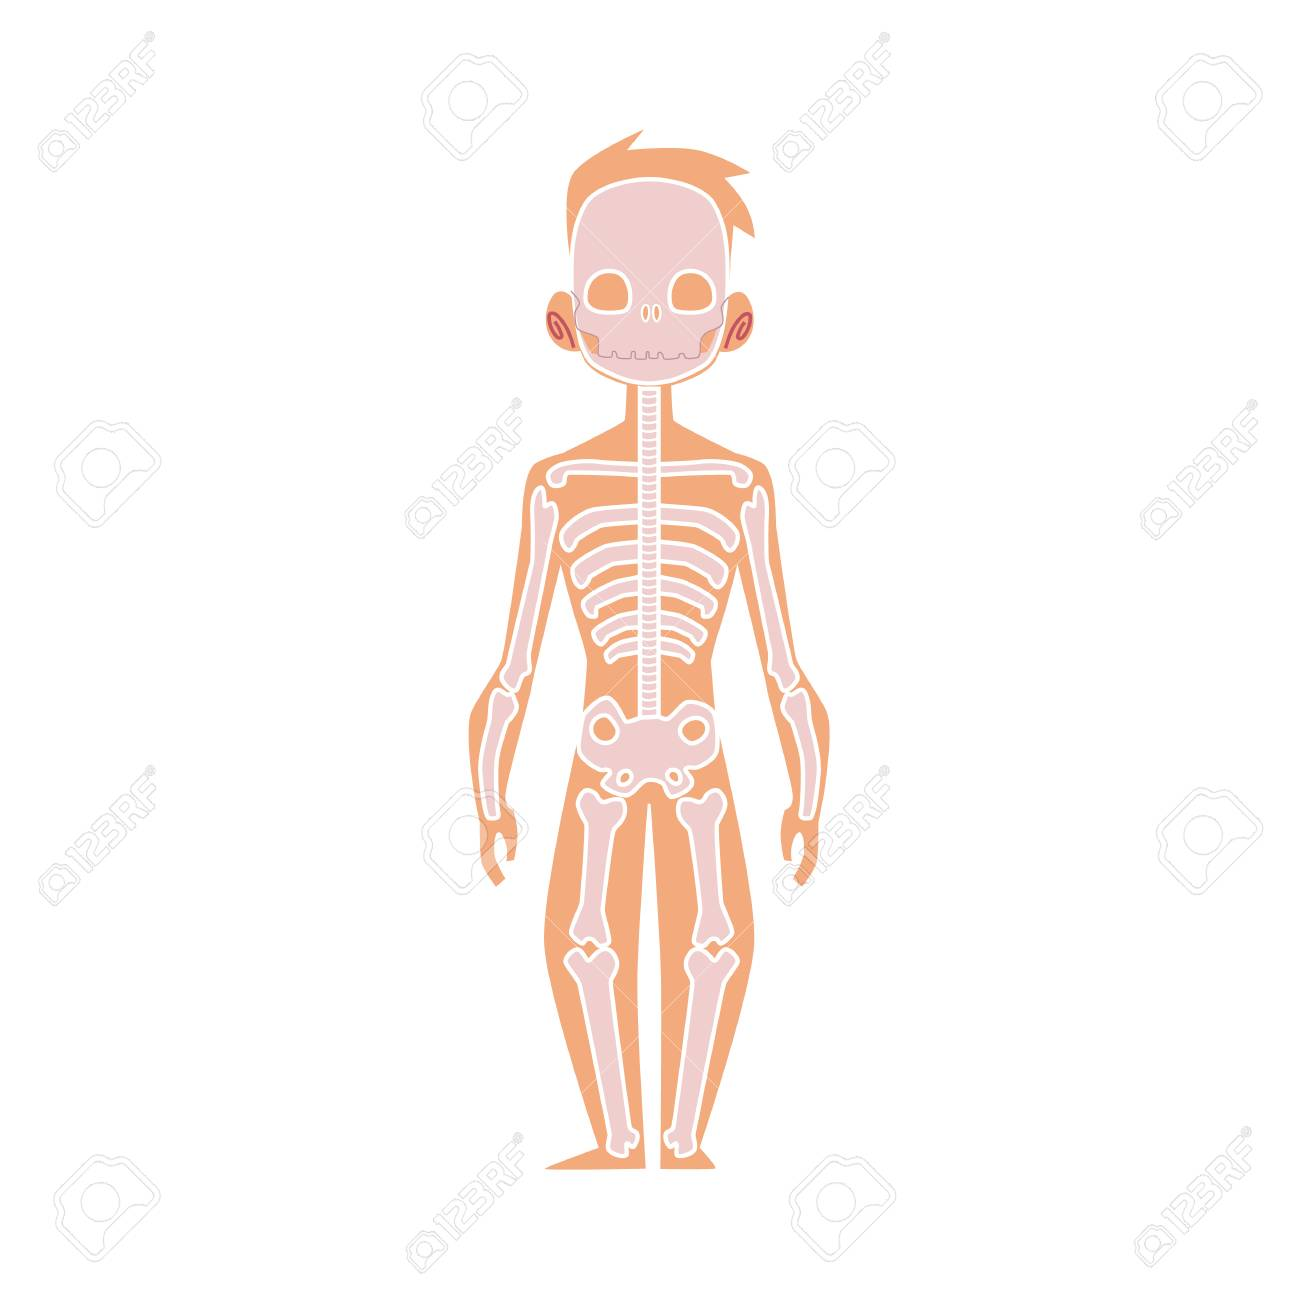 Estrutura Plana Do Vetor Do Corpo Humano Anatomia Ossos Masculinos Esqueleto Humano Sistema Esquelético Anatômico Educação Objeto De Design De